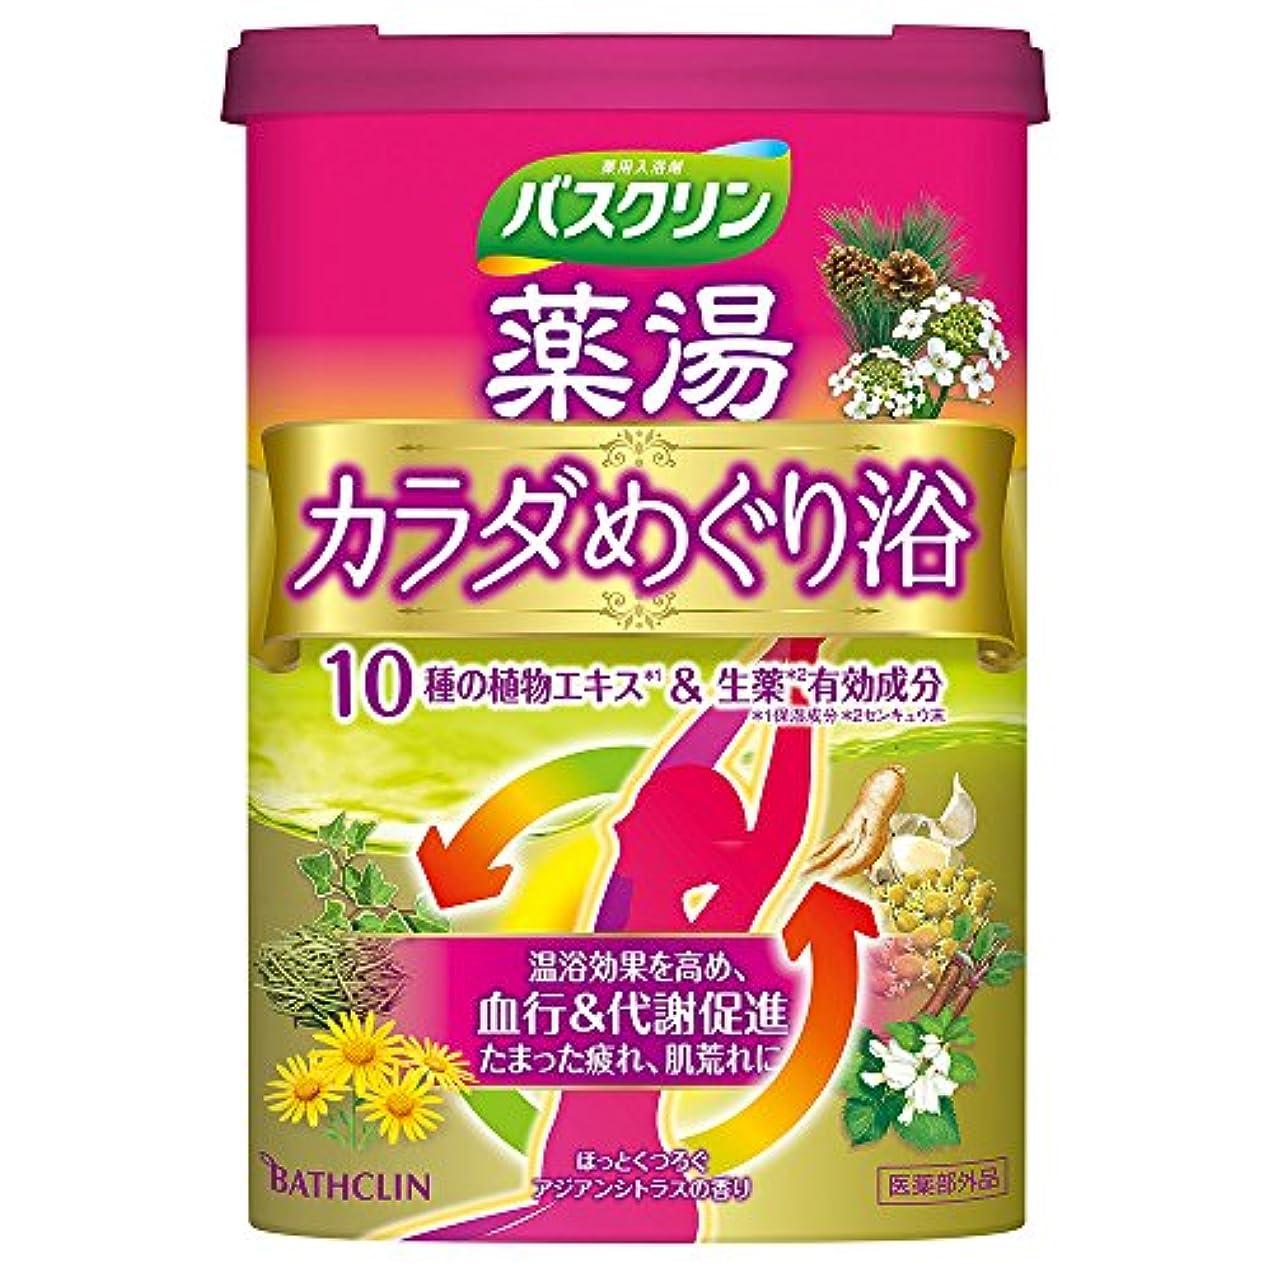 場所最愛の使い込むバスクリン薬湯 カラダめぐり浴 ほっとくつろぐアジアンシトラスの香り 600g 入浴剤 (医薬部外品)